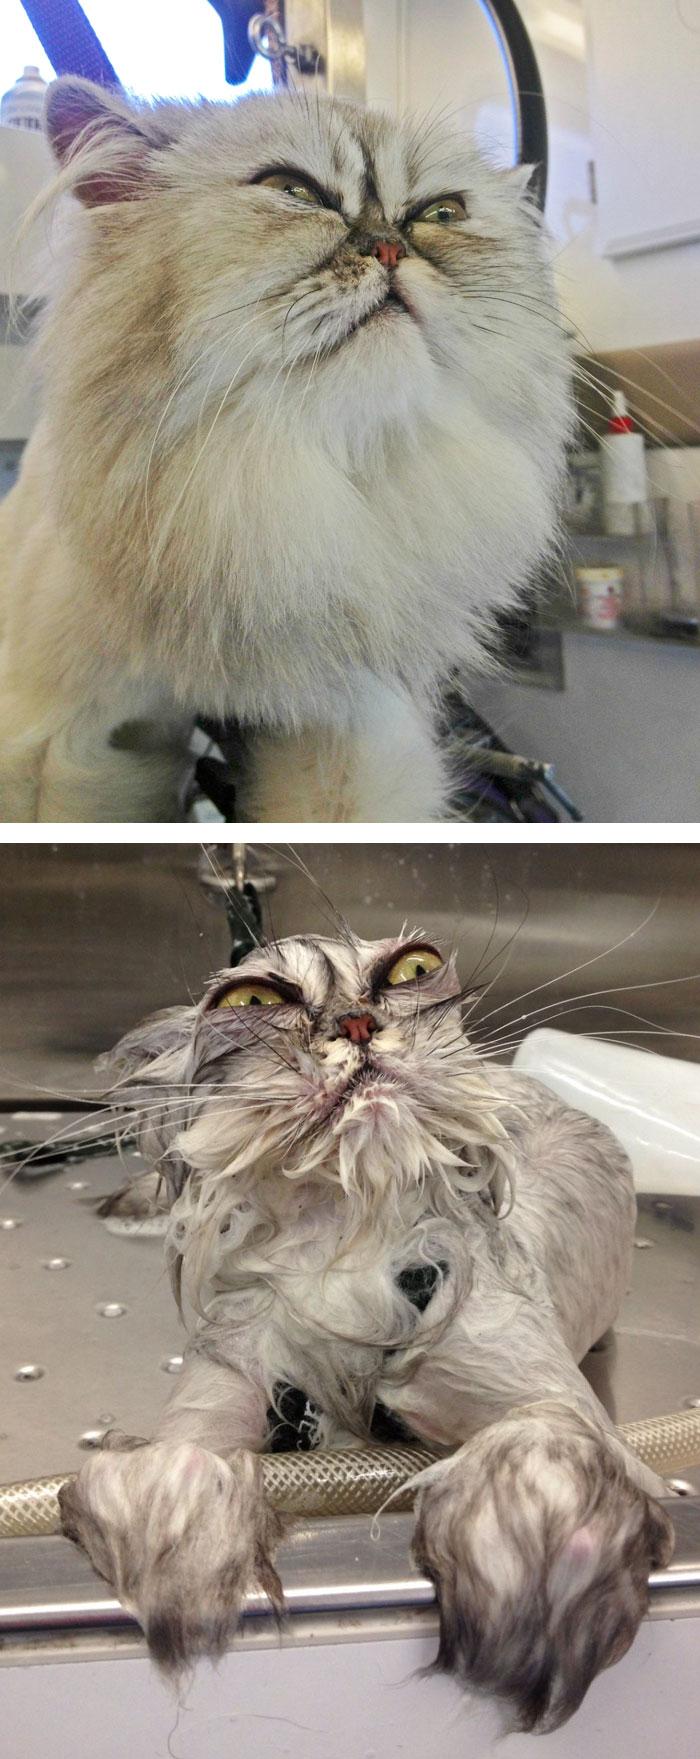 Chat avant et aprés un bain . Trop mignon